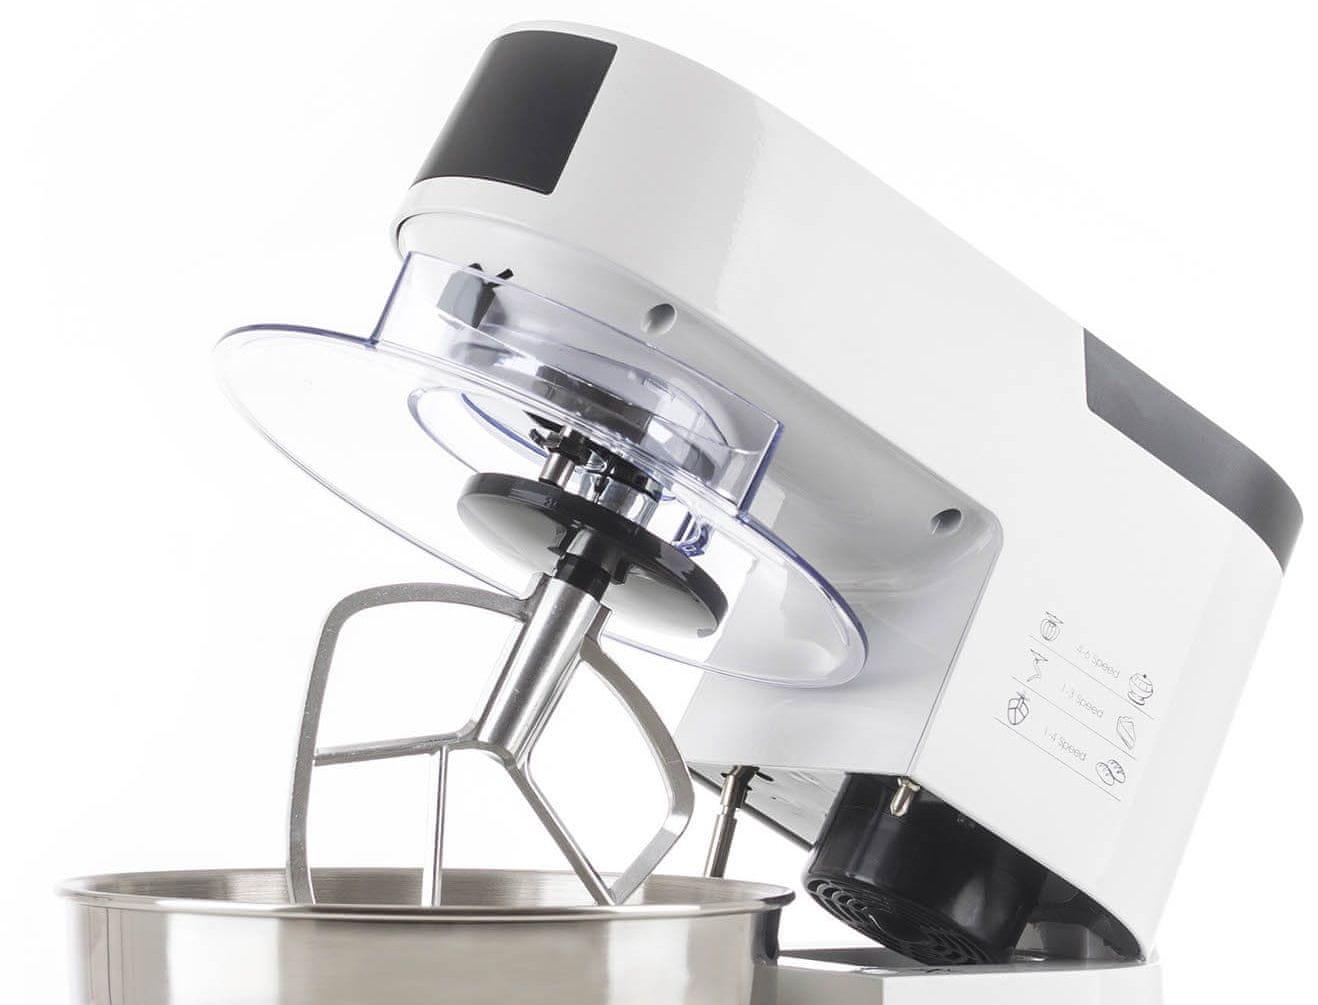 Planetární systém míchání, Kuchyňský robot Promesso White